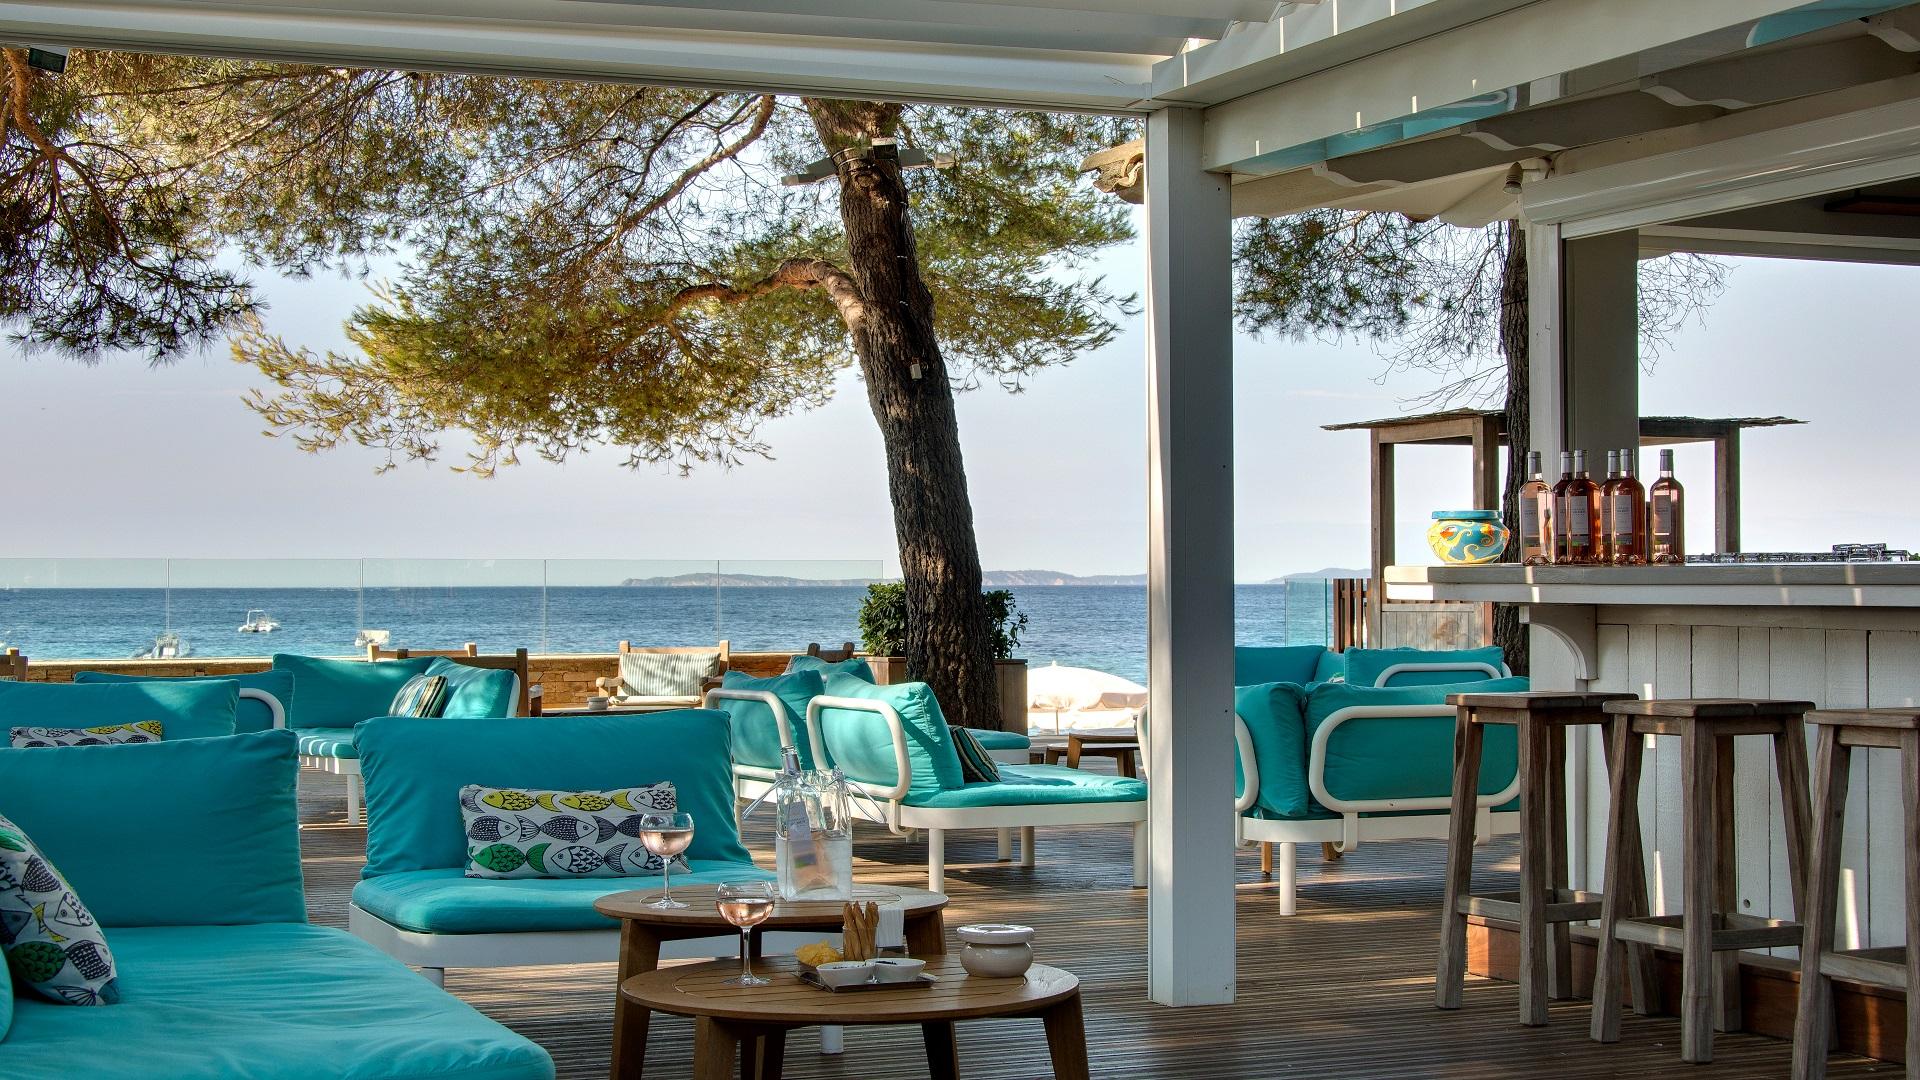 Luxury hotel ramatuelle la pin de plage 4 star sea side for French luxury